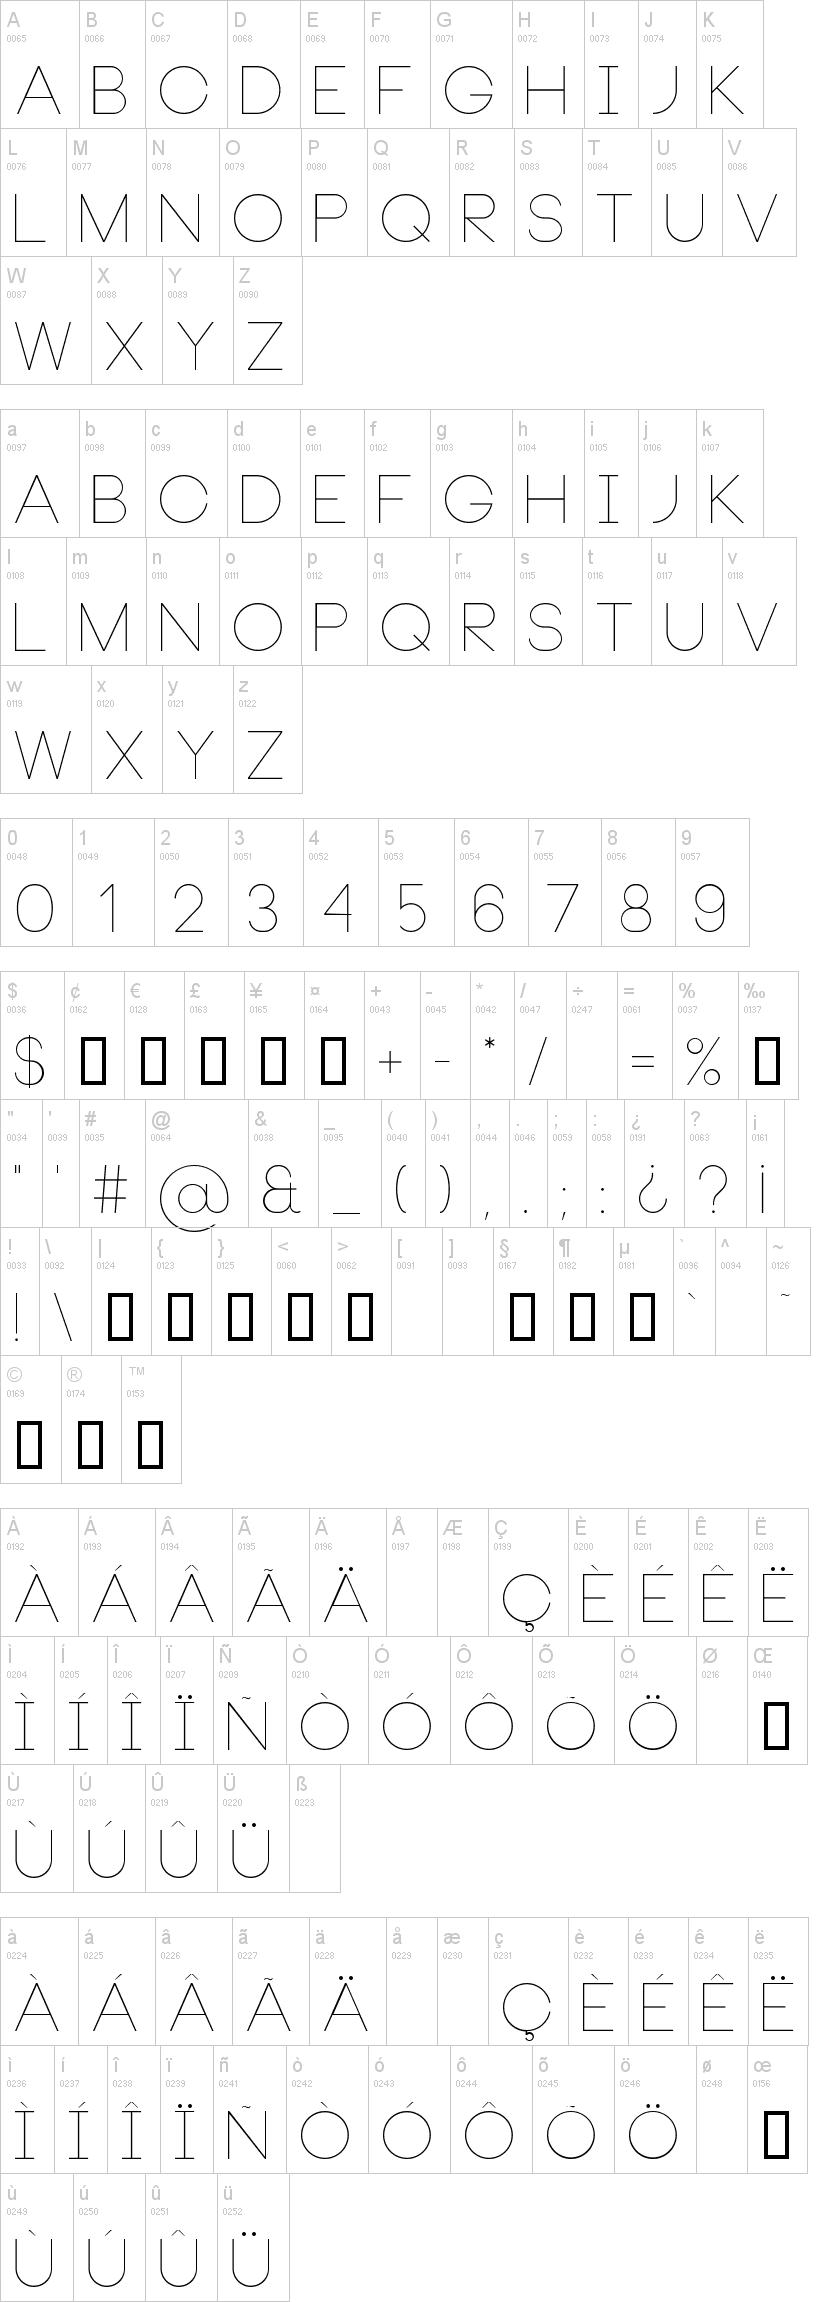 깔끔한 폰트/깔끔한 폰트 ttf/깔끔한 글씨체 다운